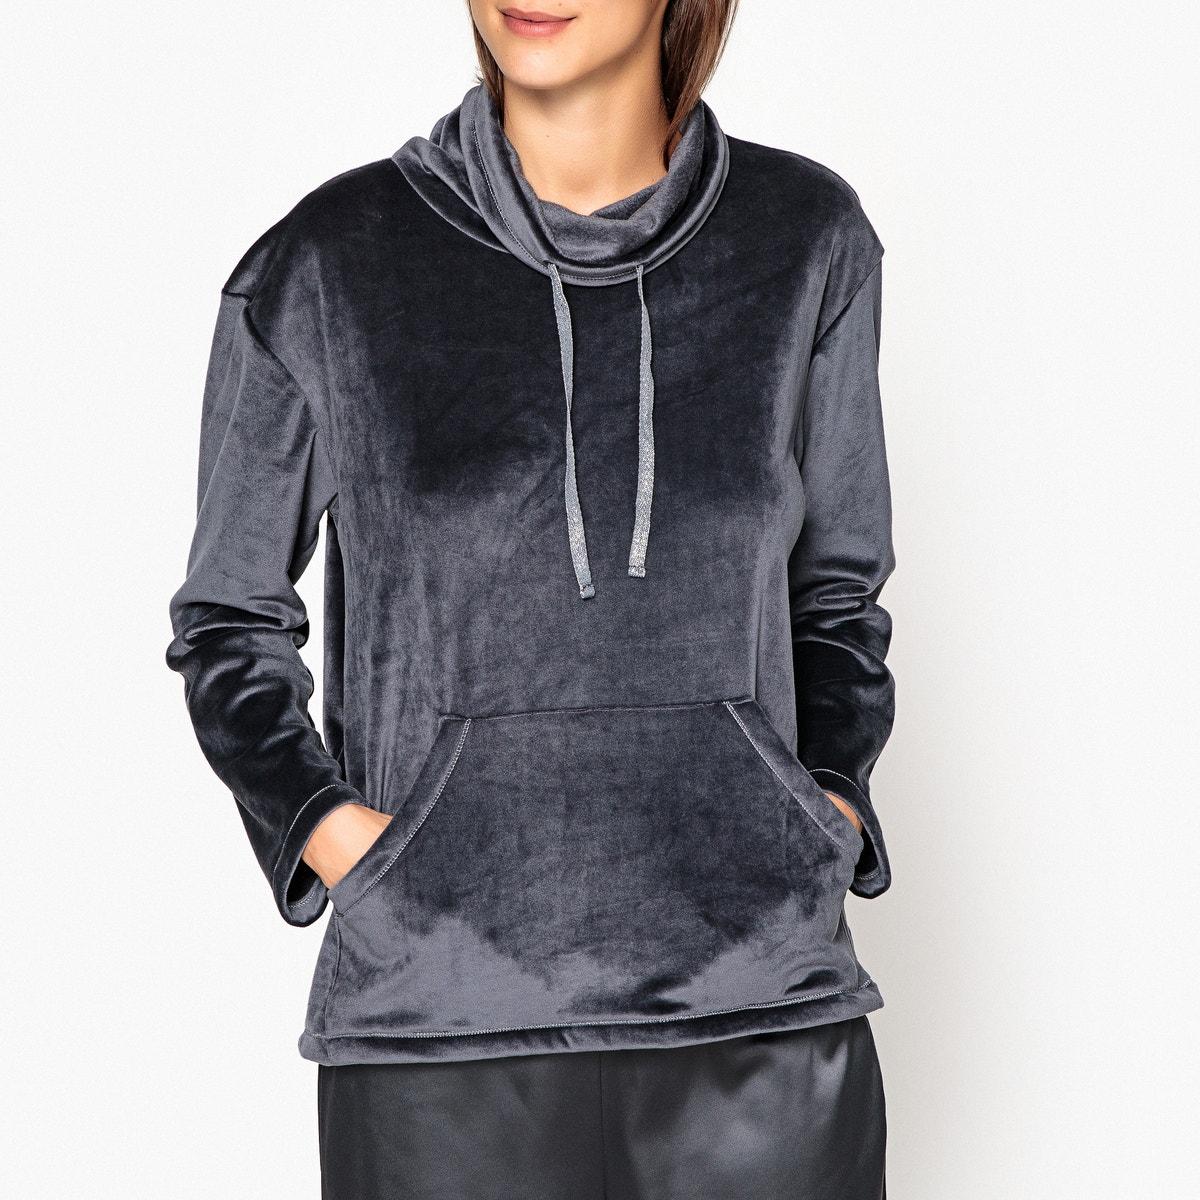 Indoor sweatshirt, micro-polar